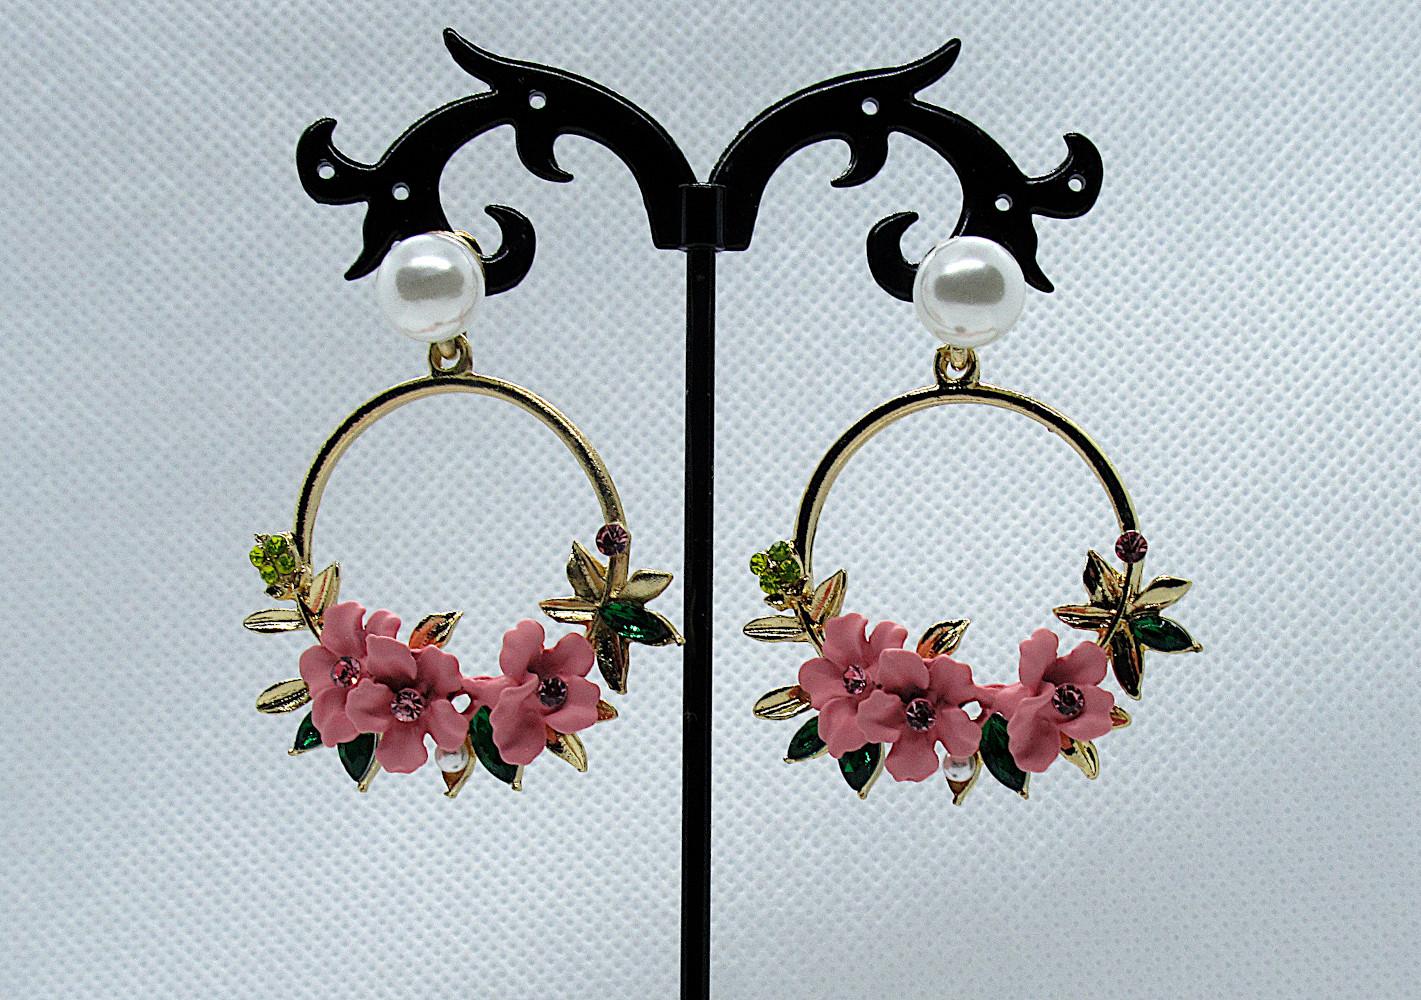 PA-304_Crystal and Pearl Floral Wreath Hoop Earrings-pink1